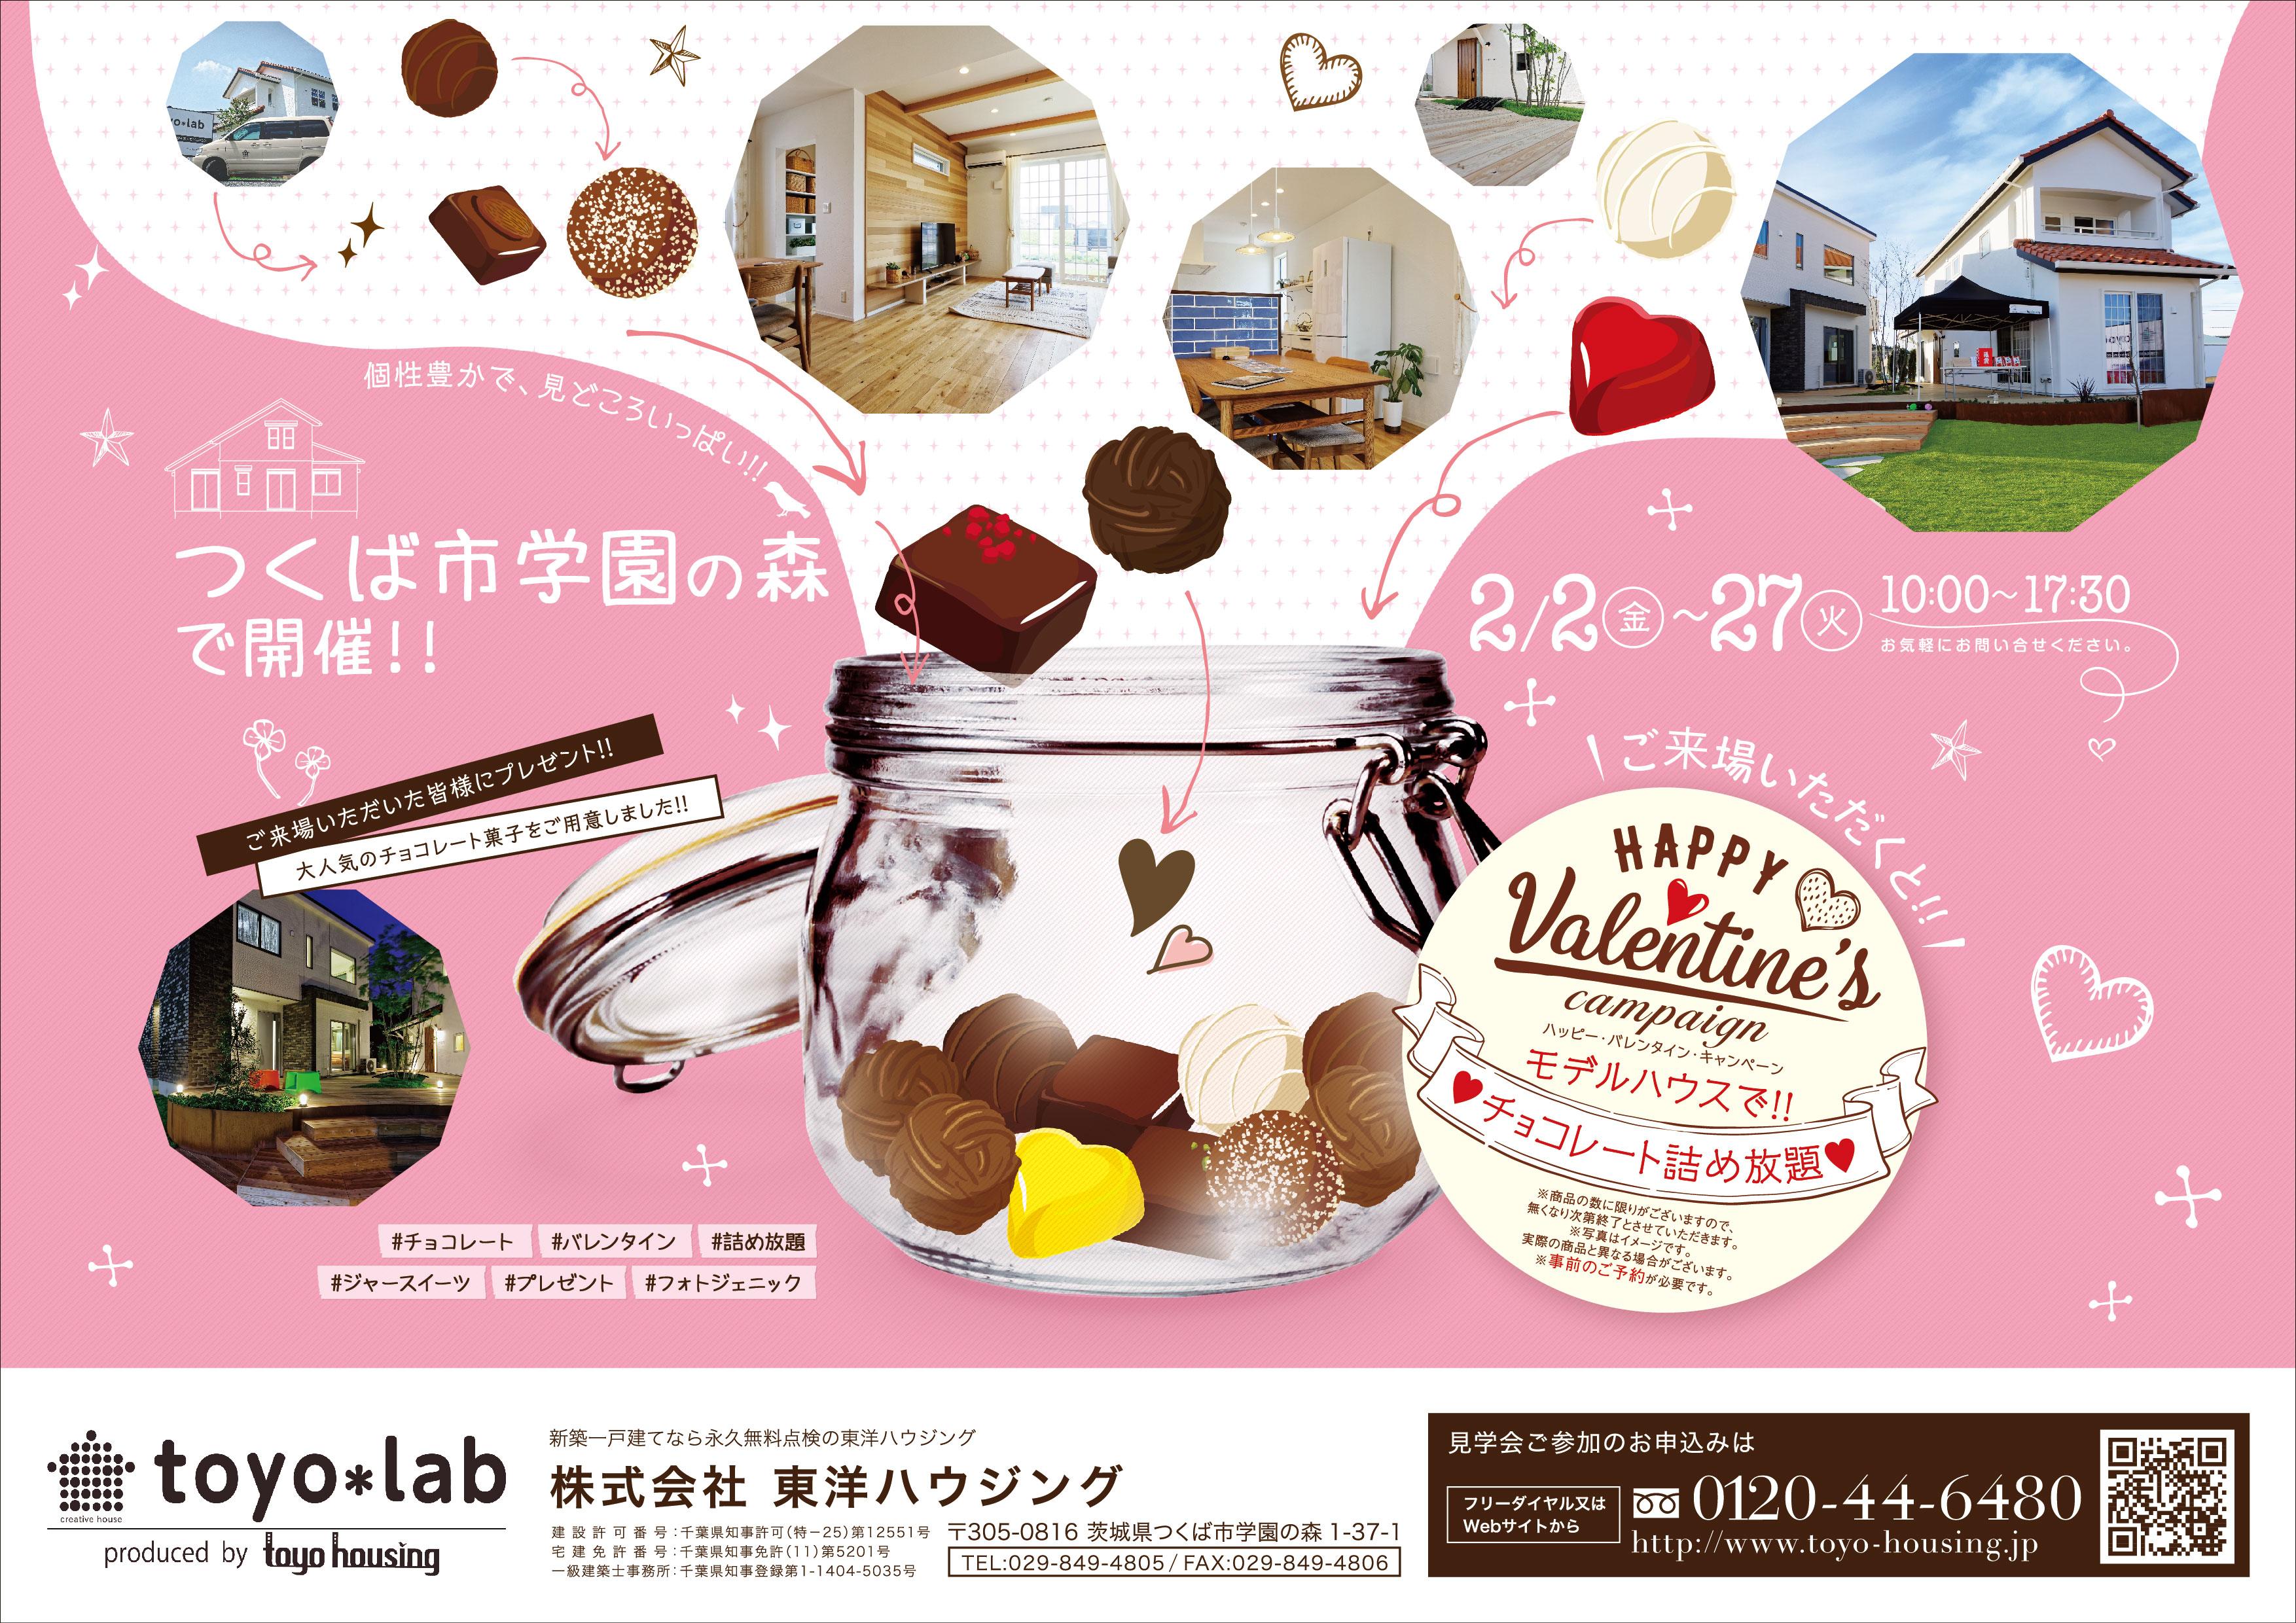 【toyo-lab つくば学園の森】HAPPY VALENTINE!!キャンペーン